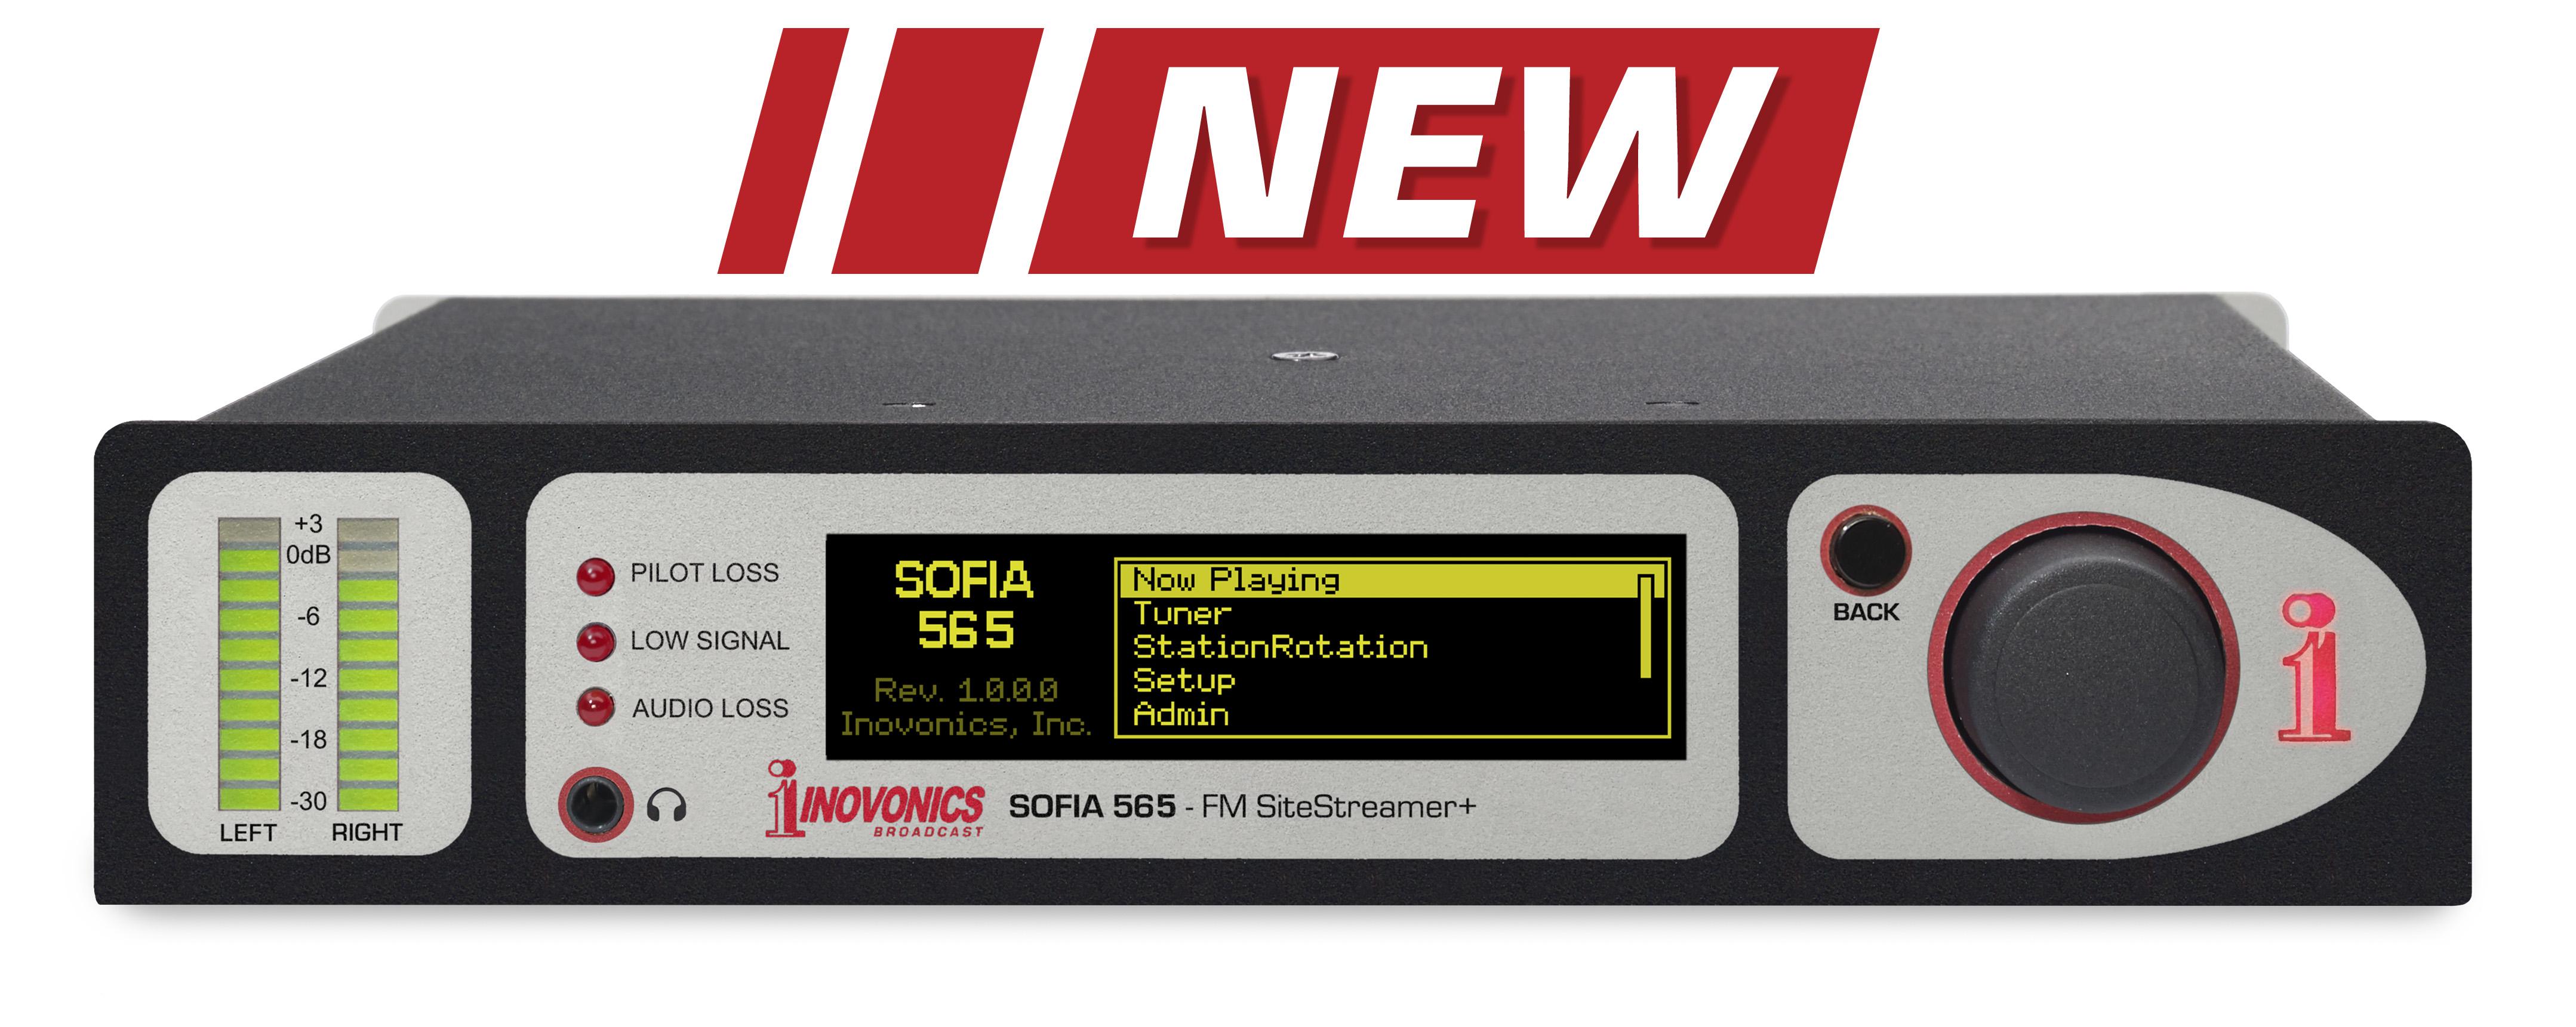 Sofia Fm Sitestreamer Model 565 Inovonics Broadcast Inc